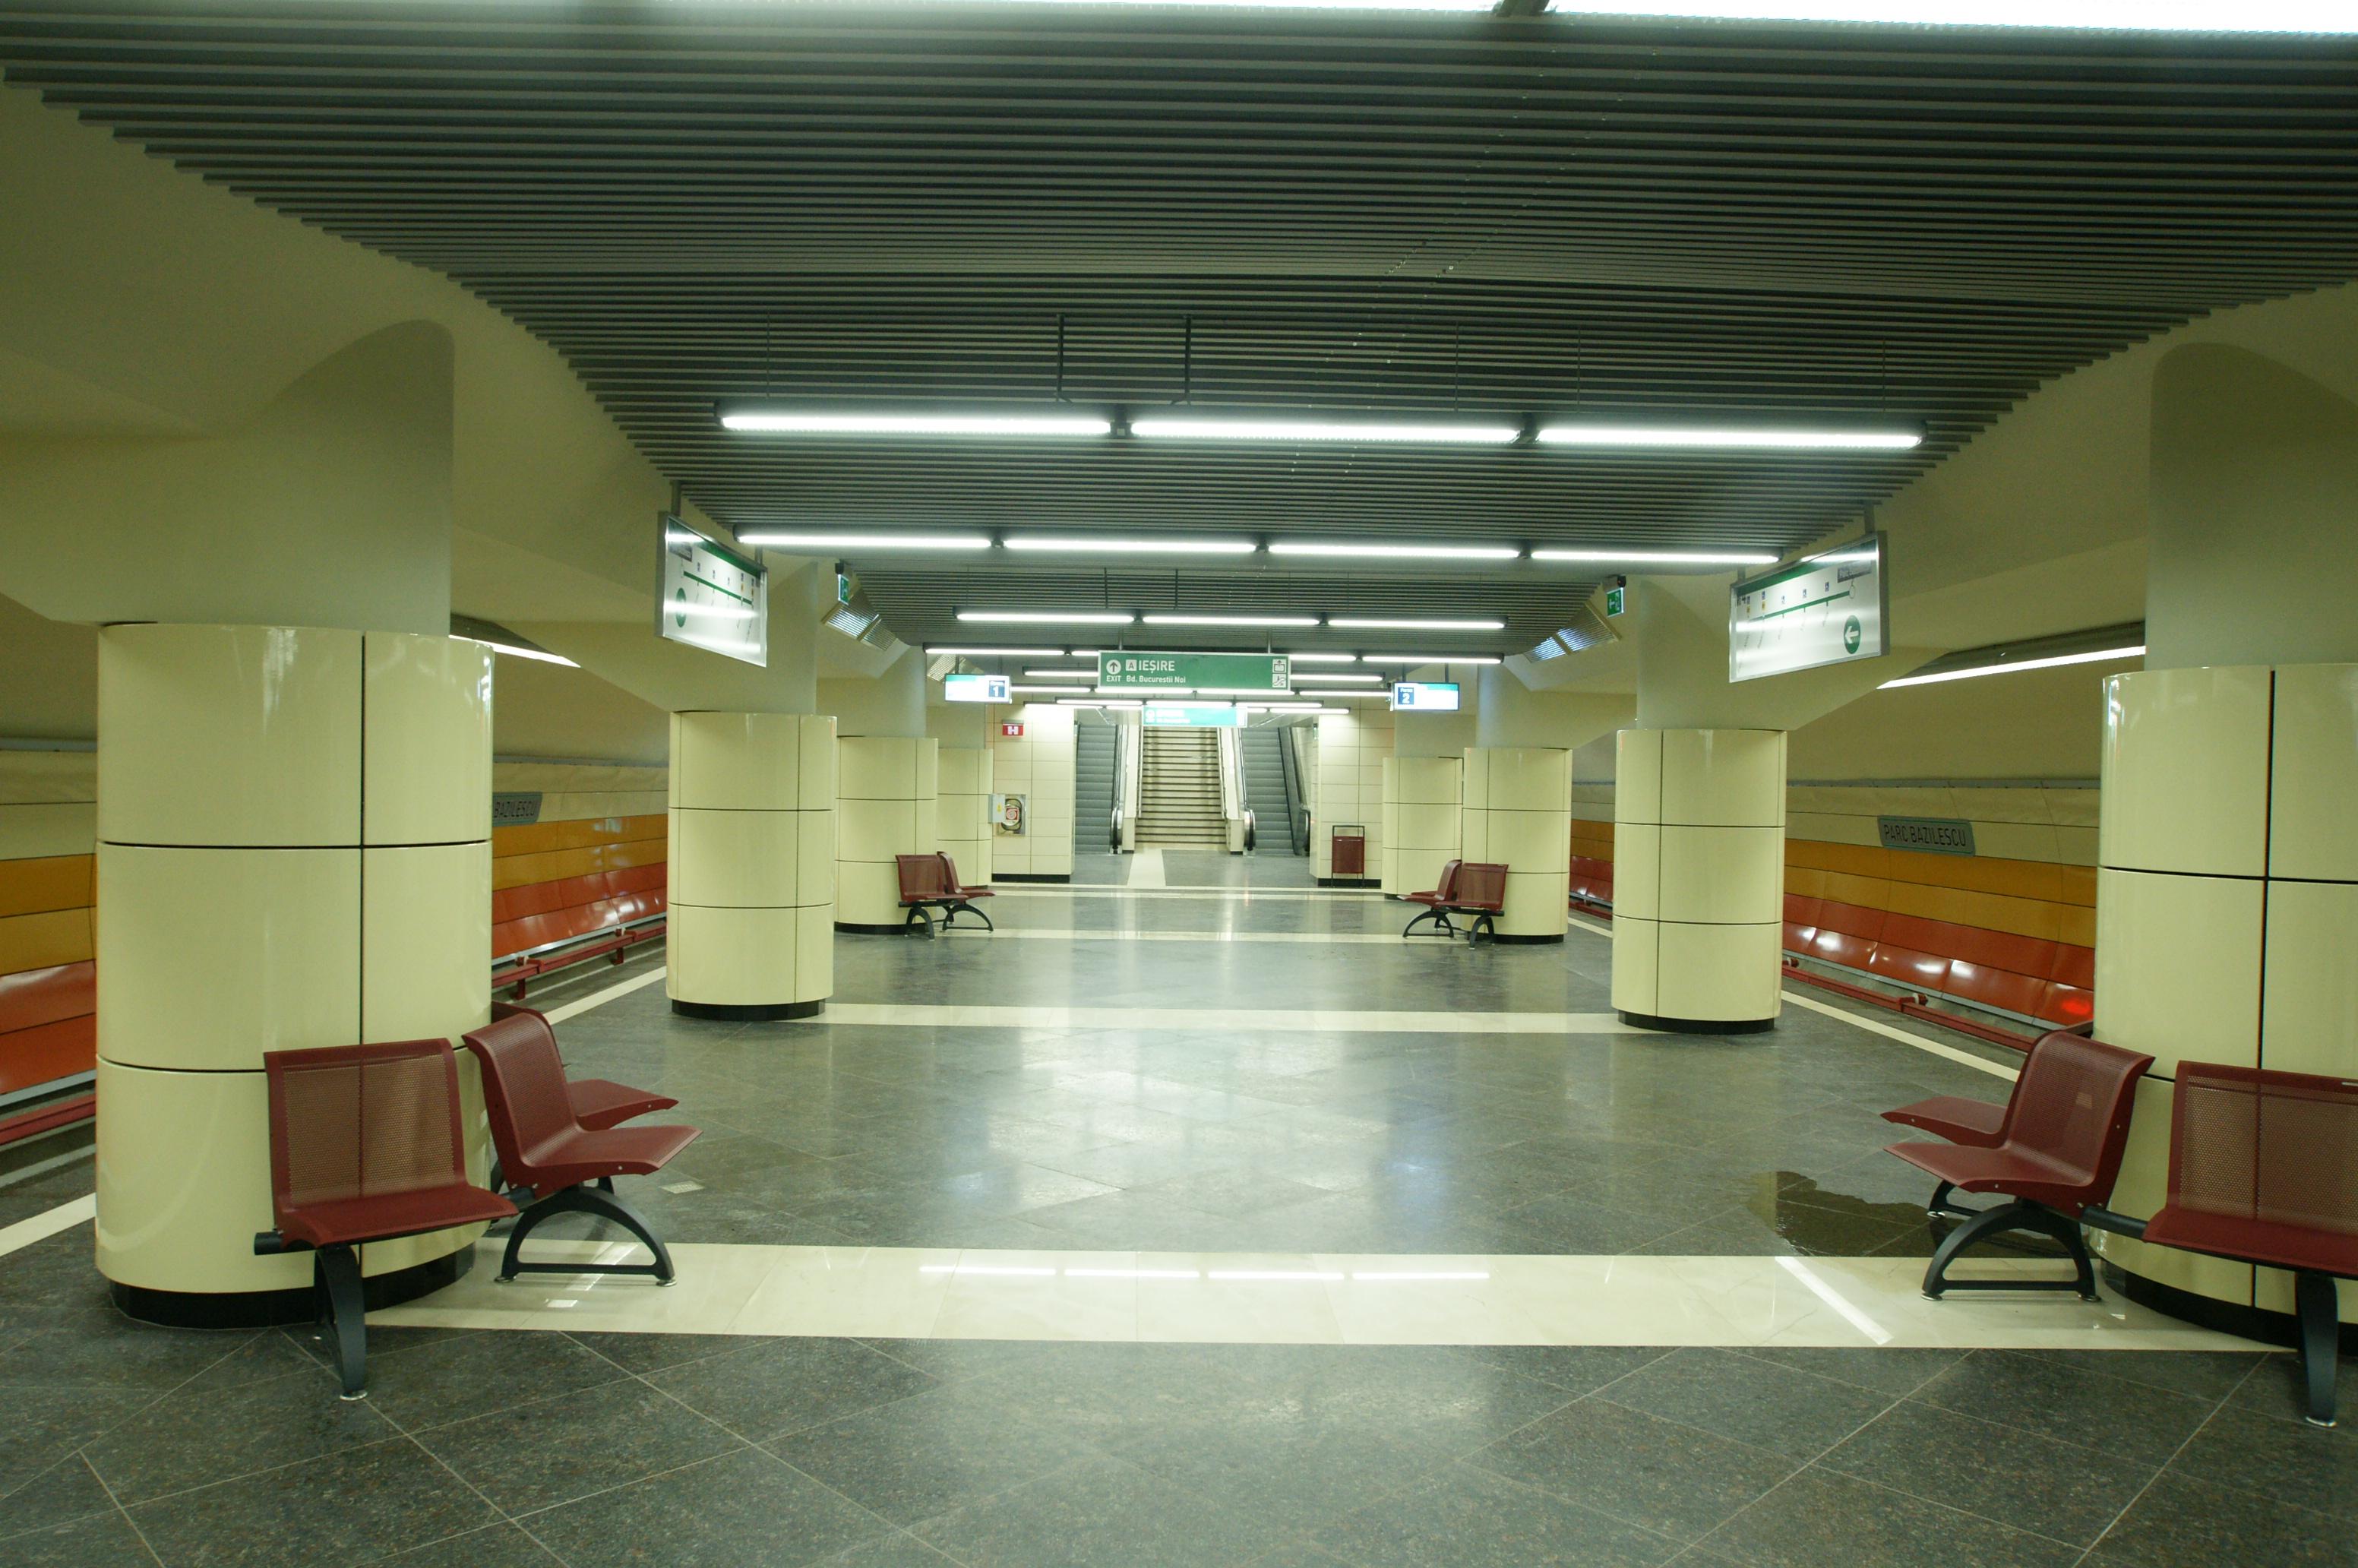 Panouri din tabla de otel folosite la statia de metrou Bazilescu OMERAS - Poza 9